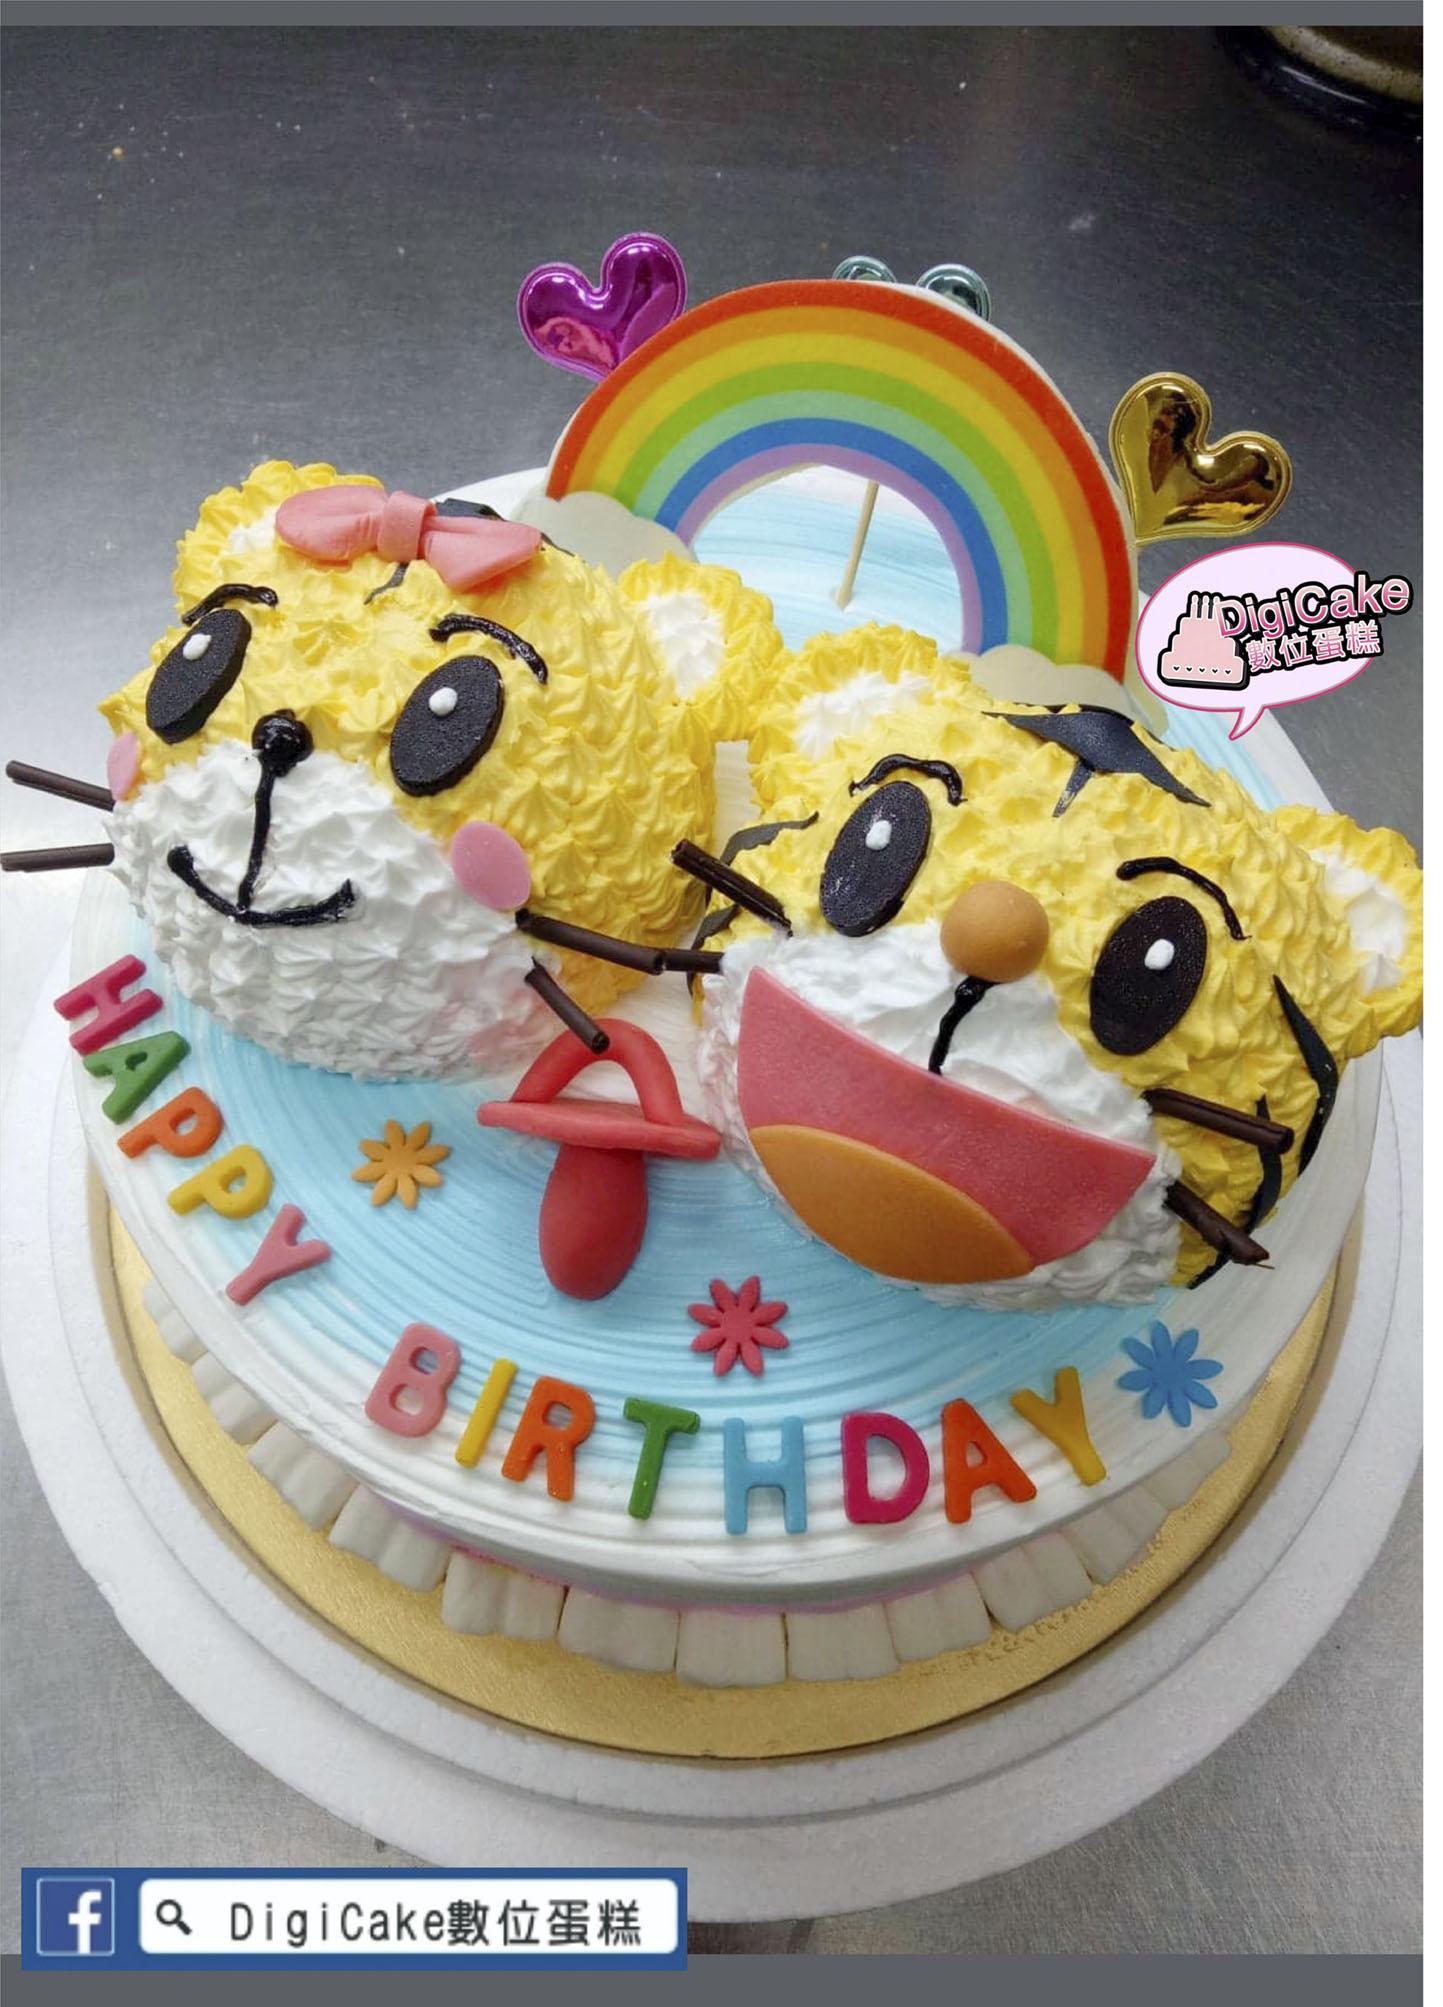 點此進入小虎小花雙層造型蛋糕的詳細資料!